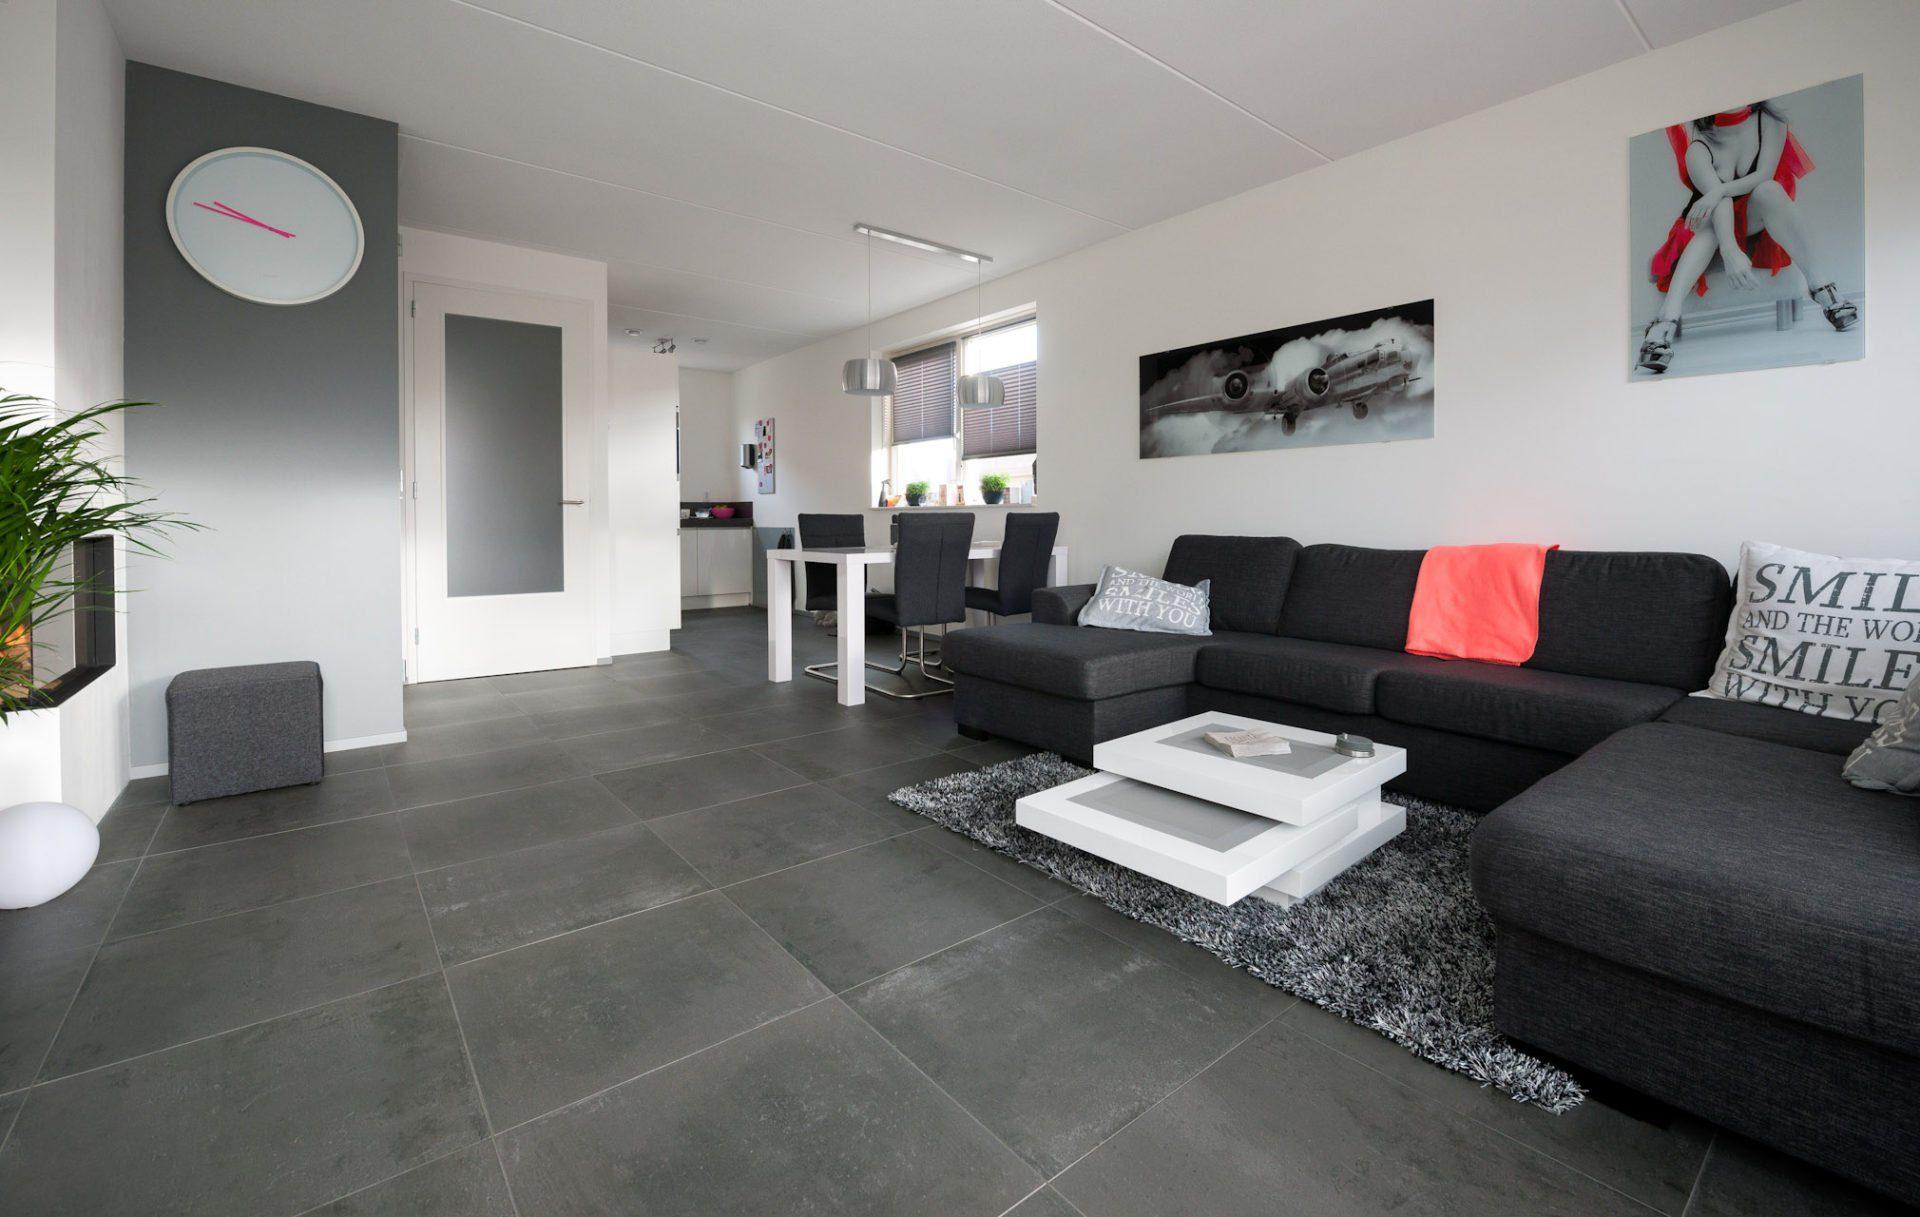 Antraciet tegels in NieuwLekkerland  KROON Vloeren in Steen